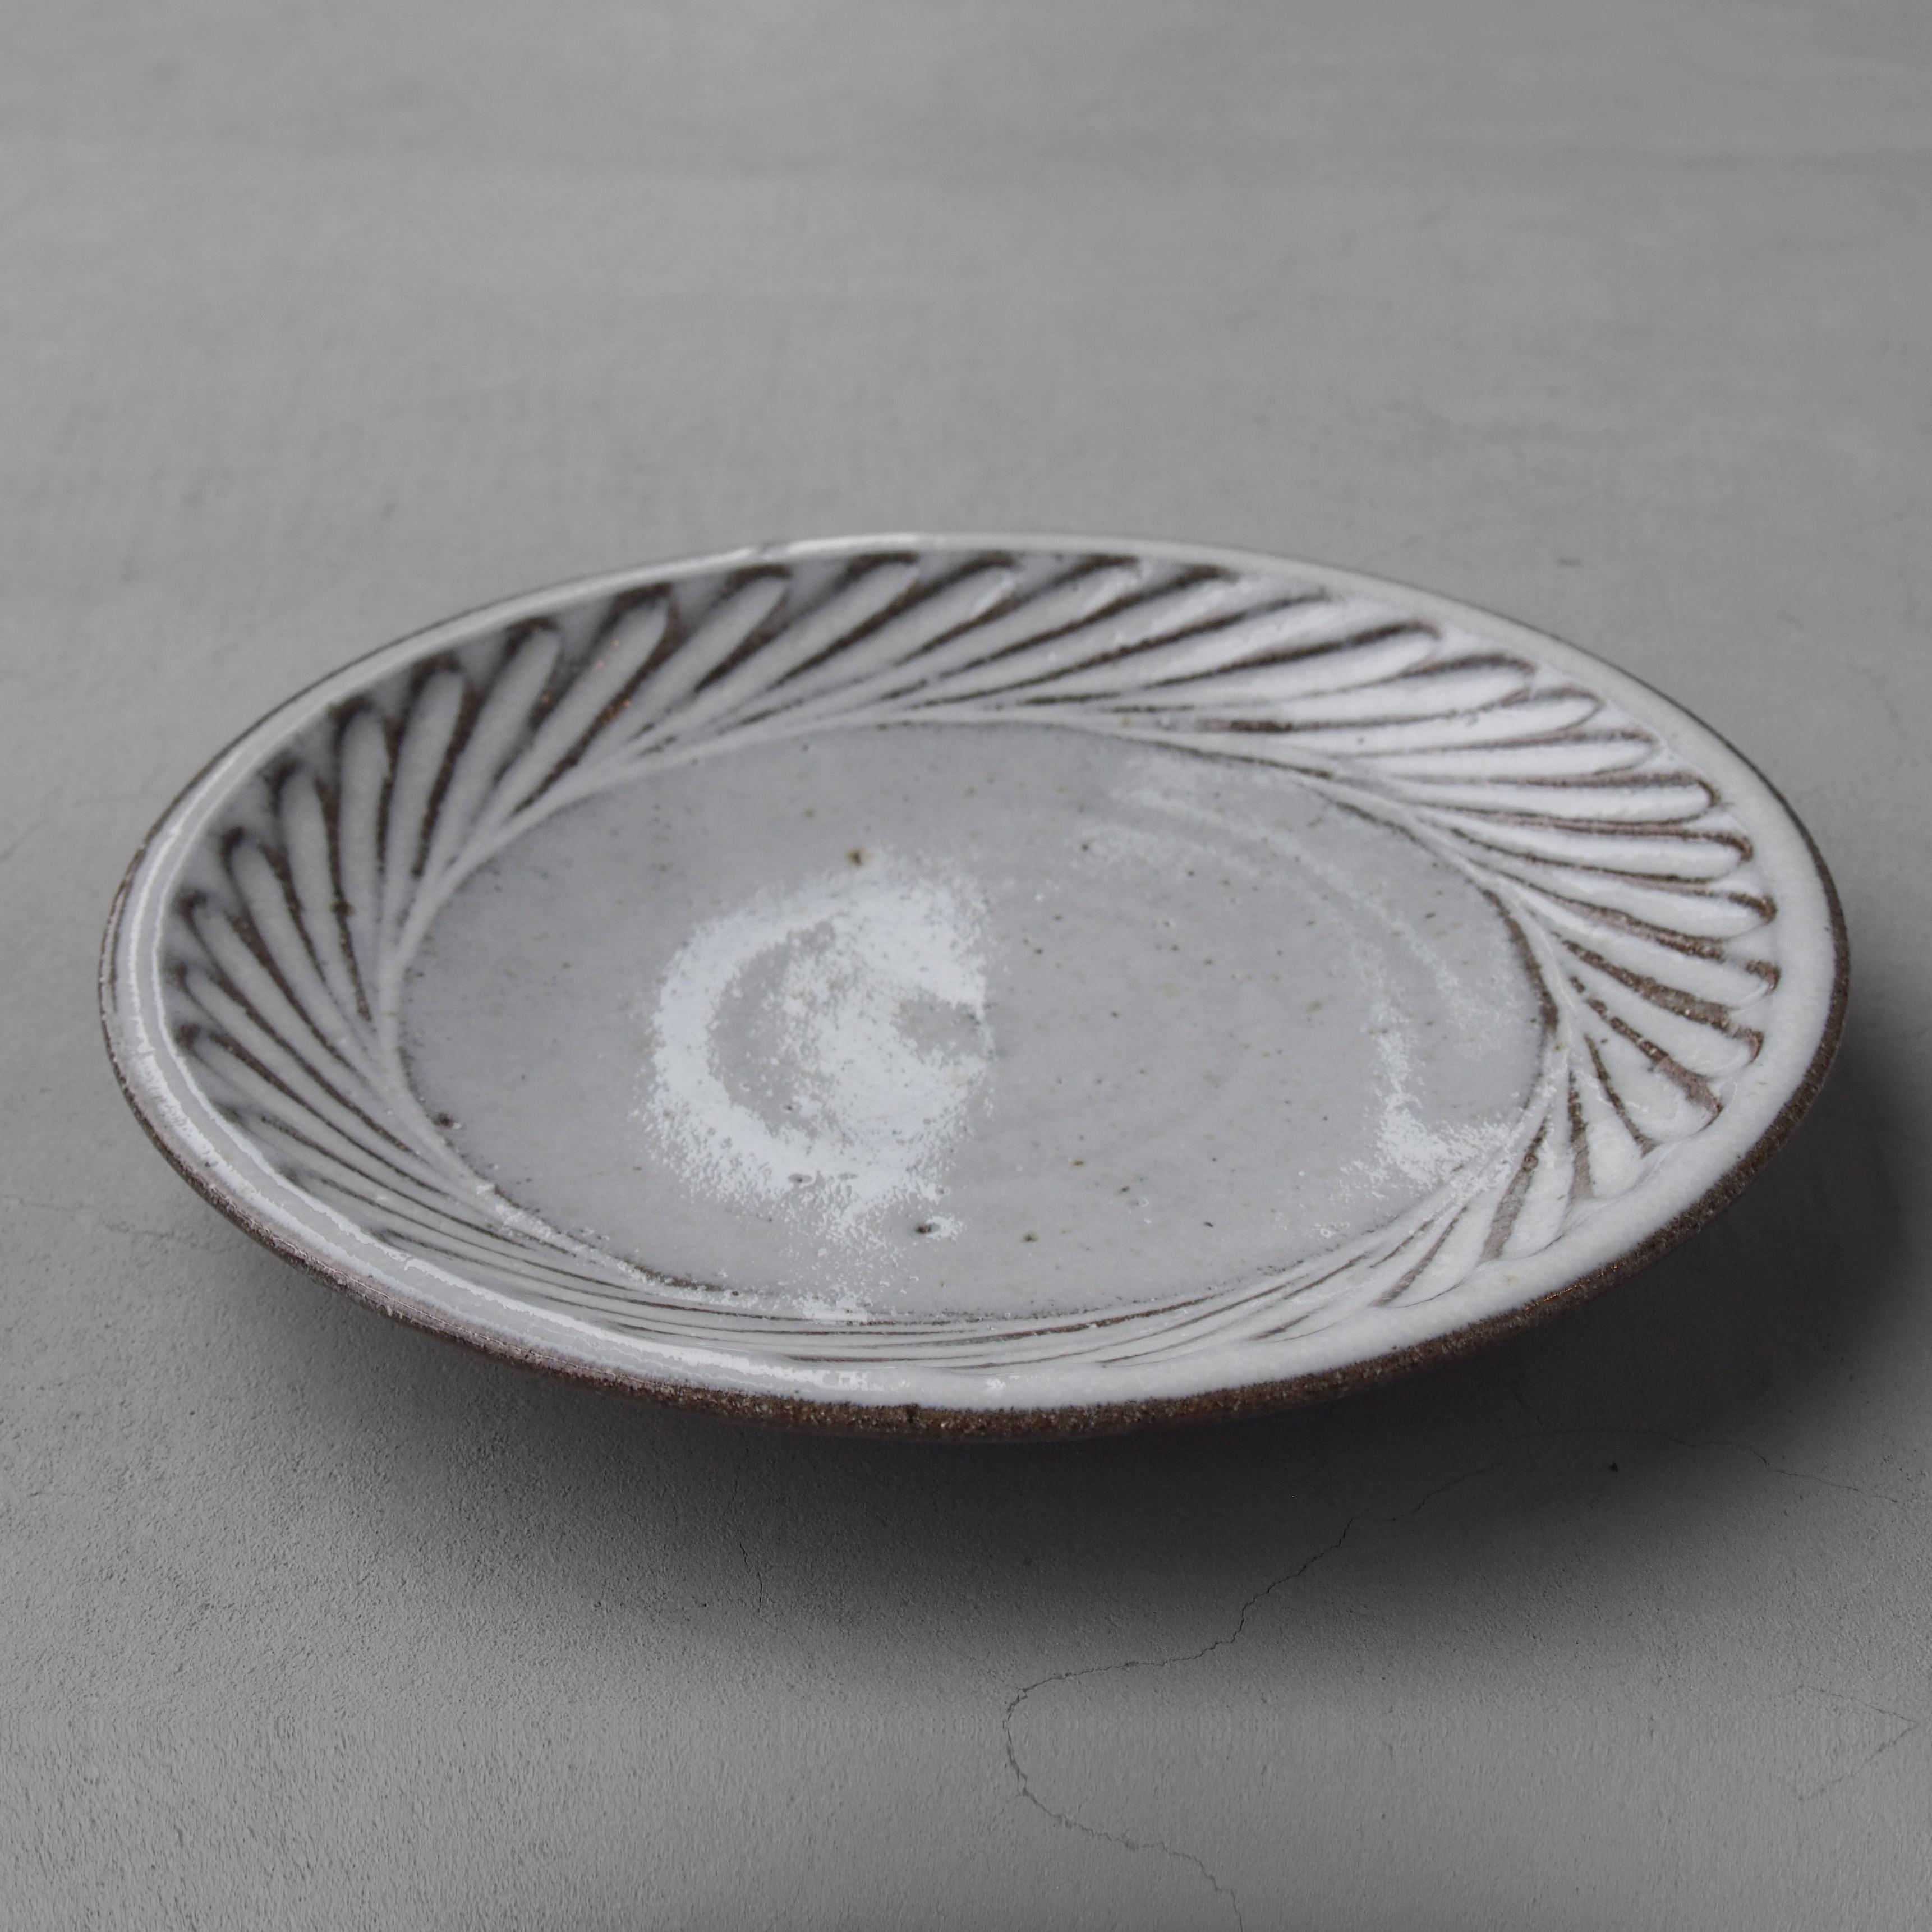 福田るい しのぎ7寸皿